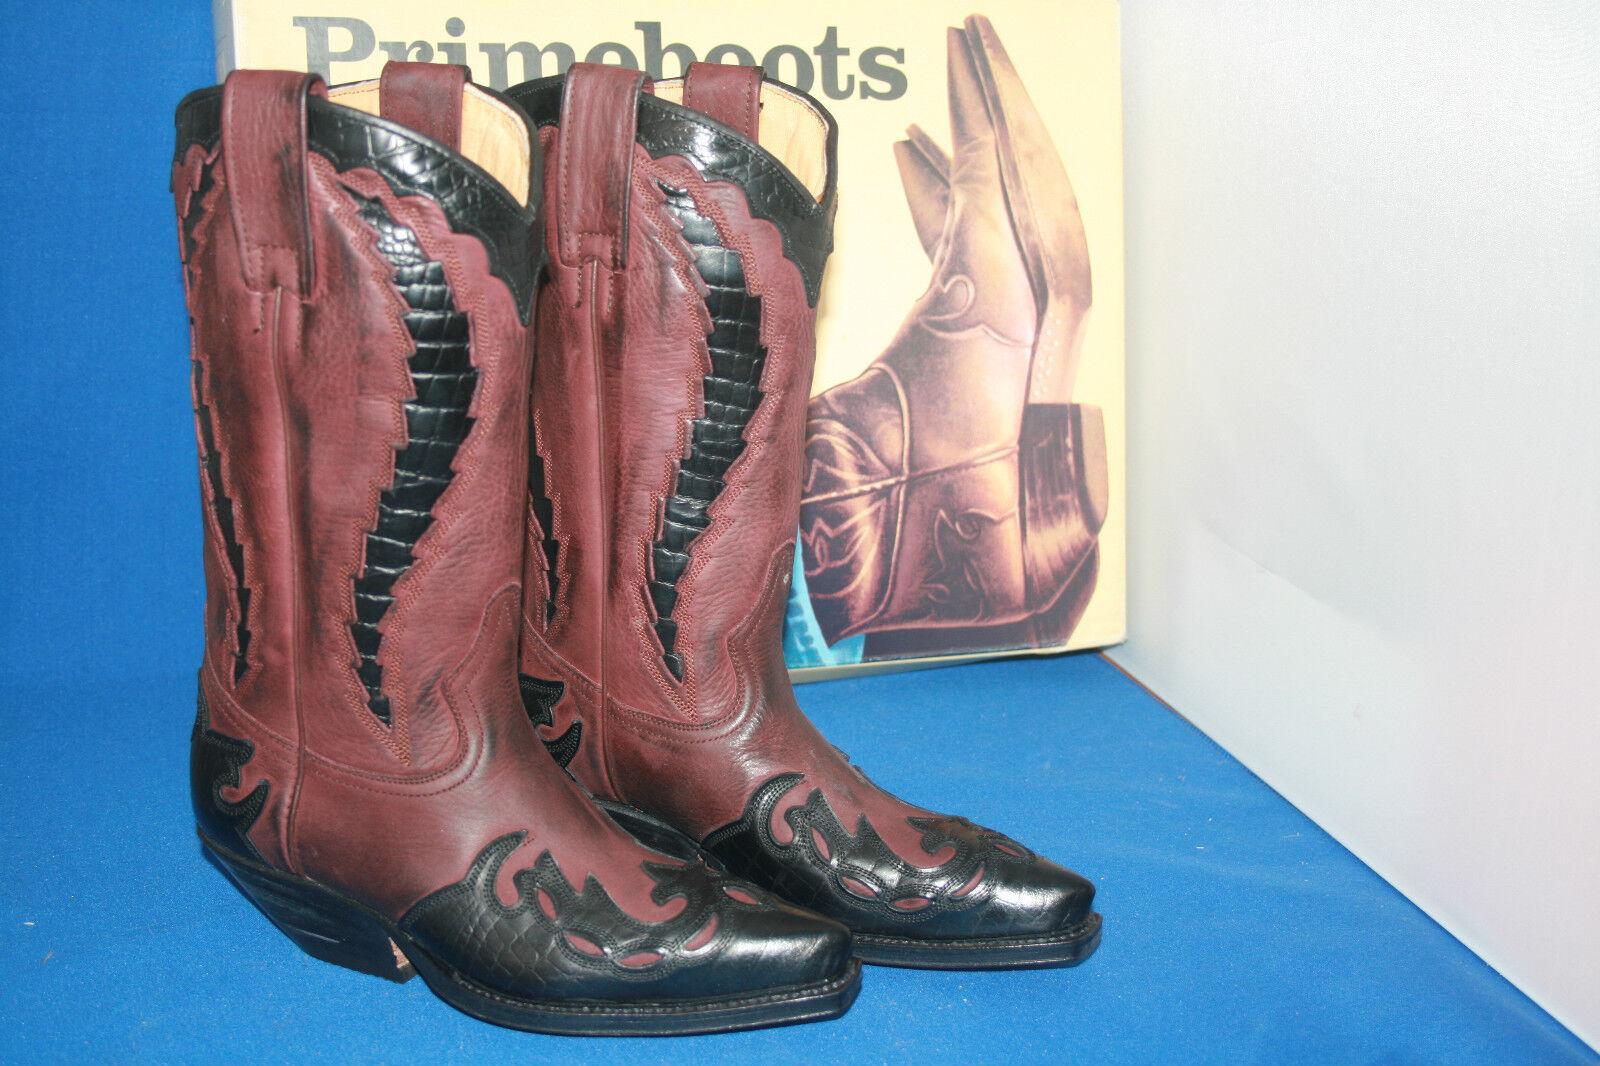 Prime botas vaqueras botas Western botas botas nuevo talla. 37 marron Croco estrella negra